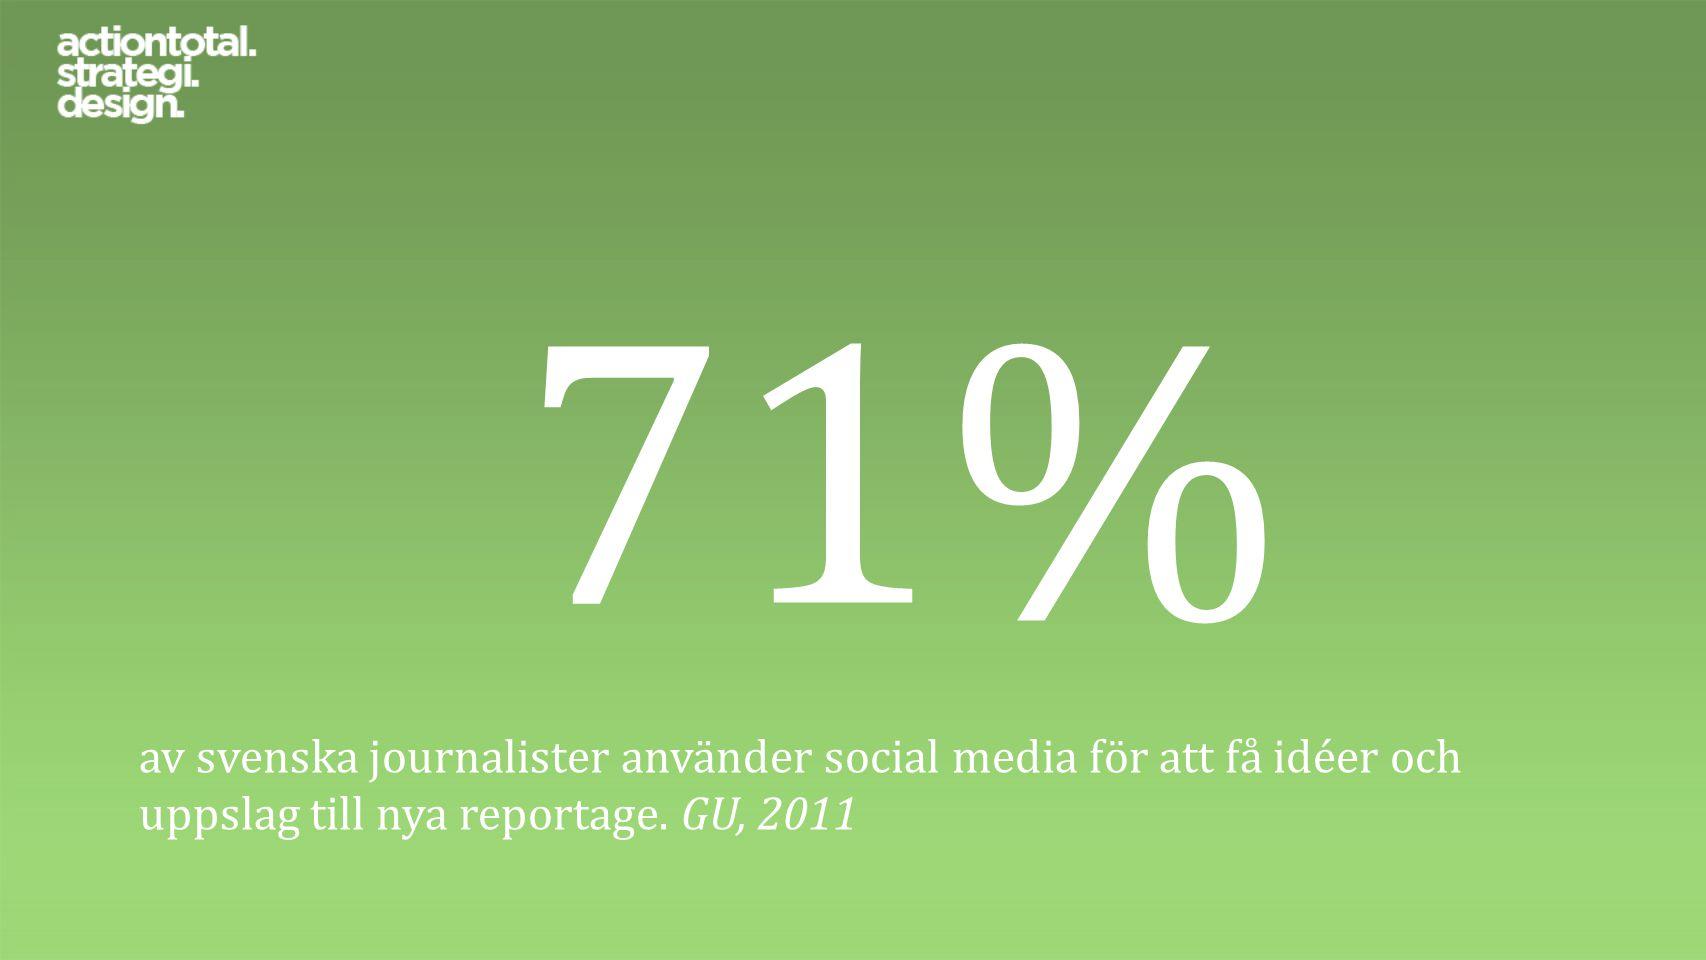 1 av 2 noterade företag följer social media som en del av sin planering. If, 2011